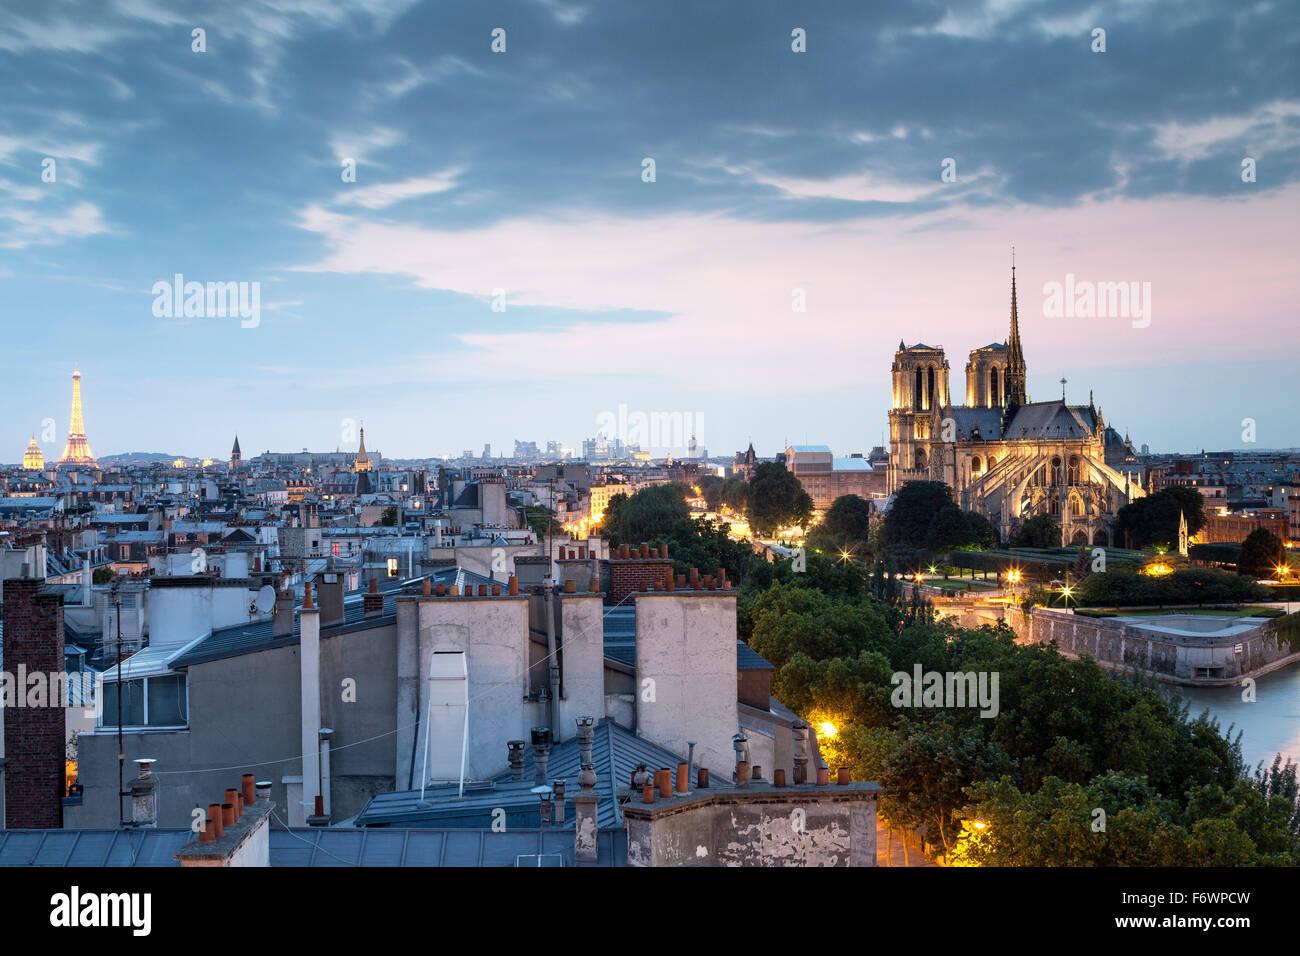 View from the rooftop of La Tour d'Argent towards the Cathedrale Notre-Dame de Paris, Ile de la Cite, Paris, - Stock Image